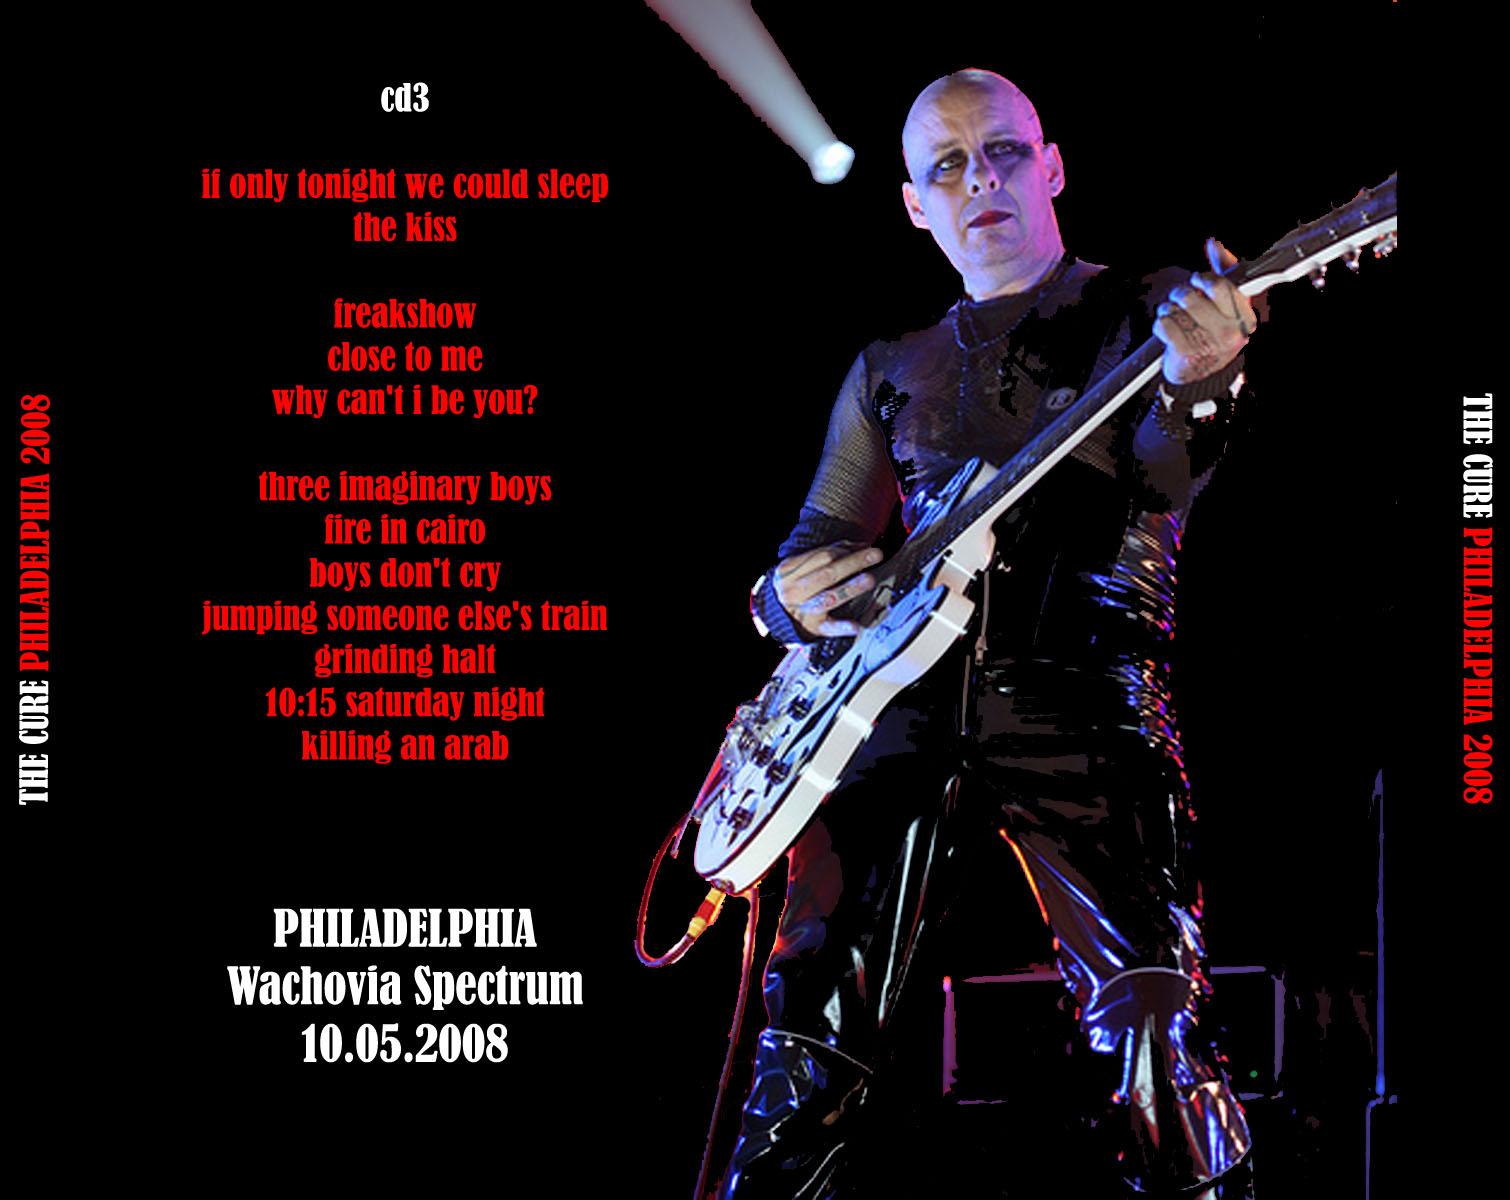 2008 05 10 Philadelphia